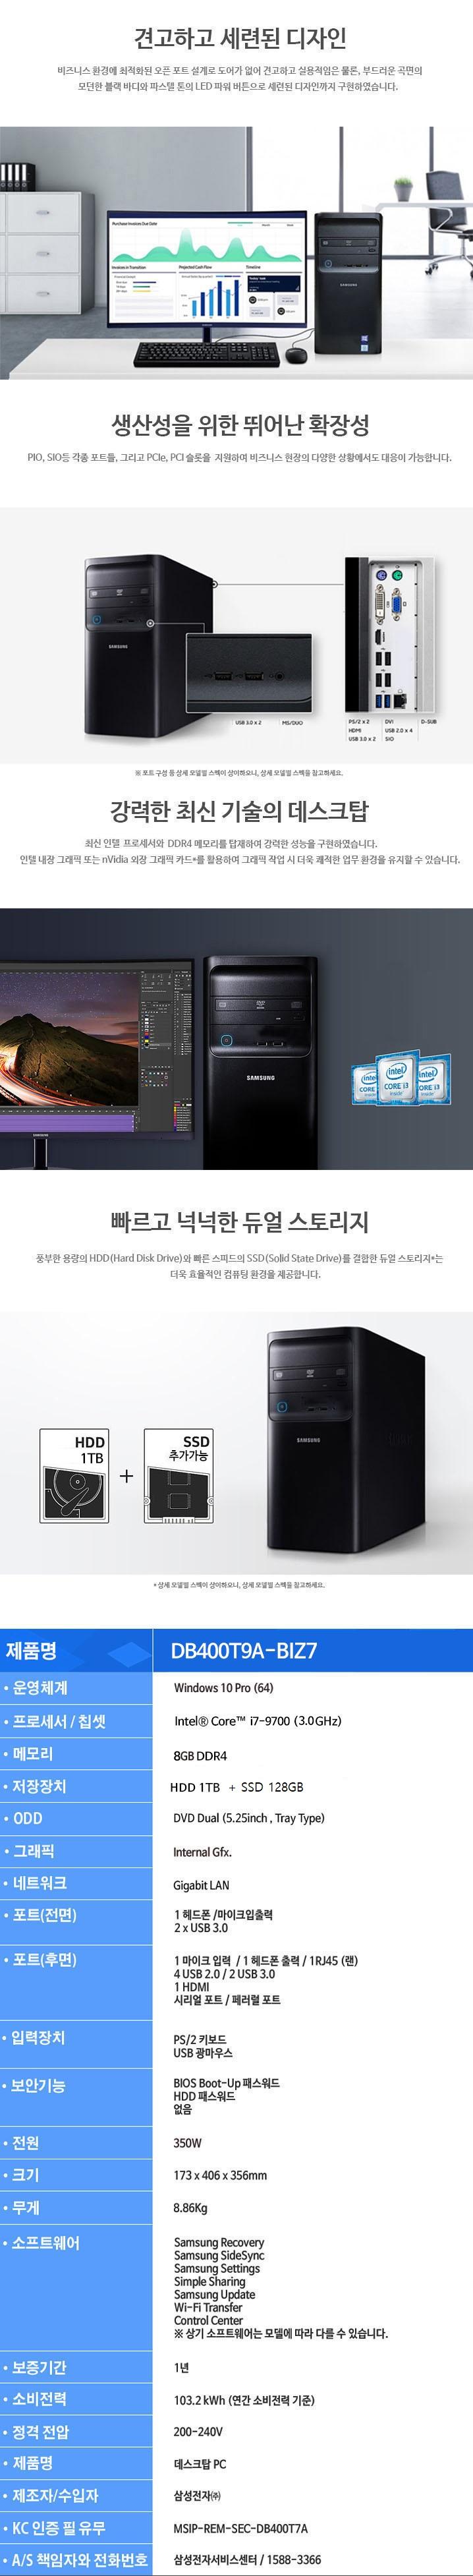 [삼성전자] 삼성 데스크탑 DB400T9A-BIZ7 [+ SSD 128GB 추가]